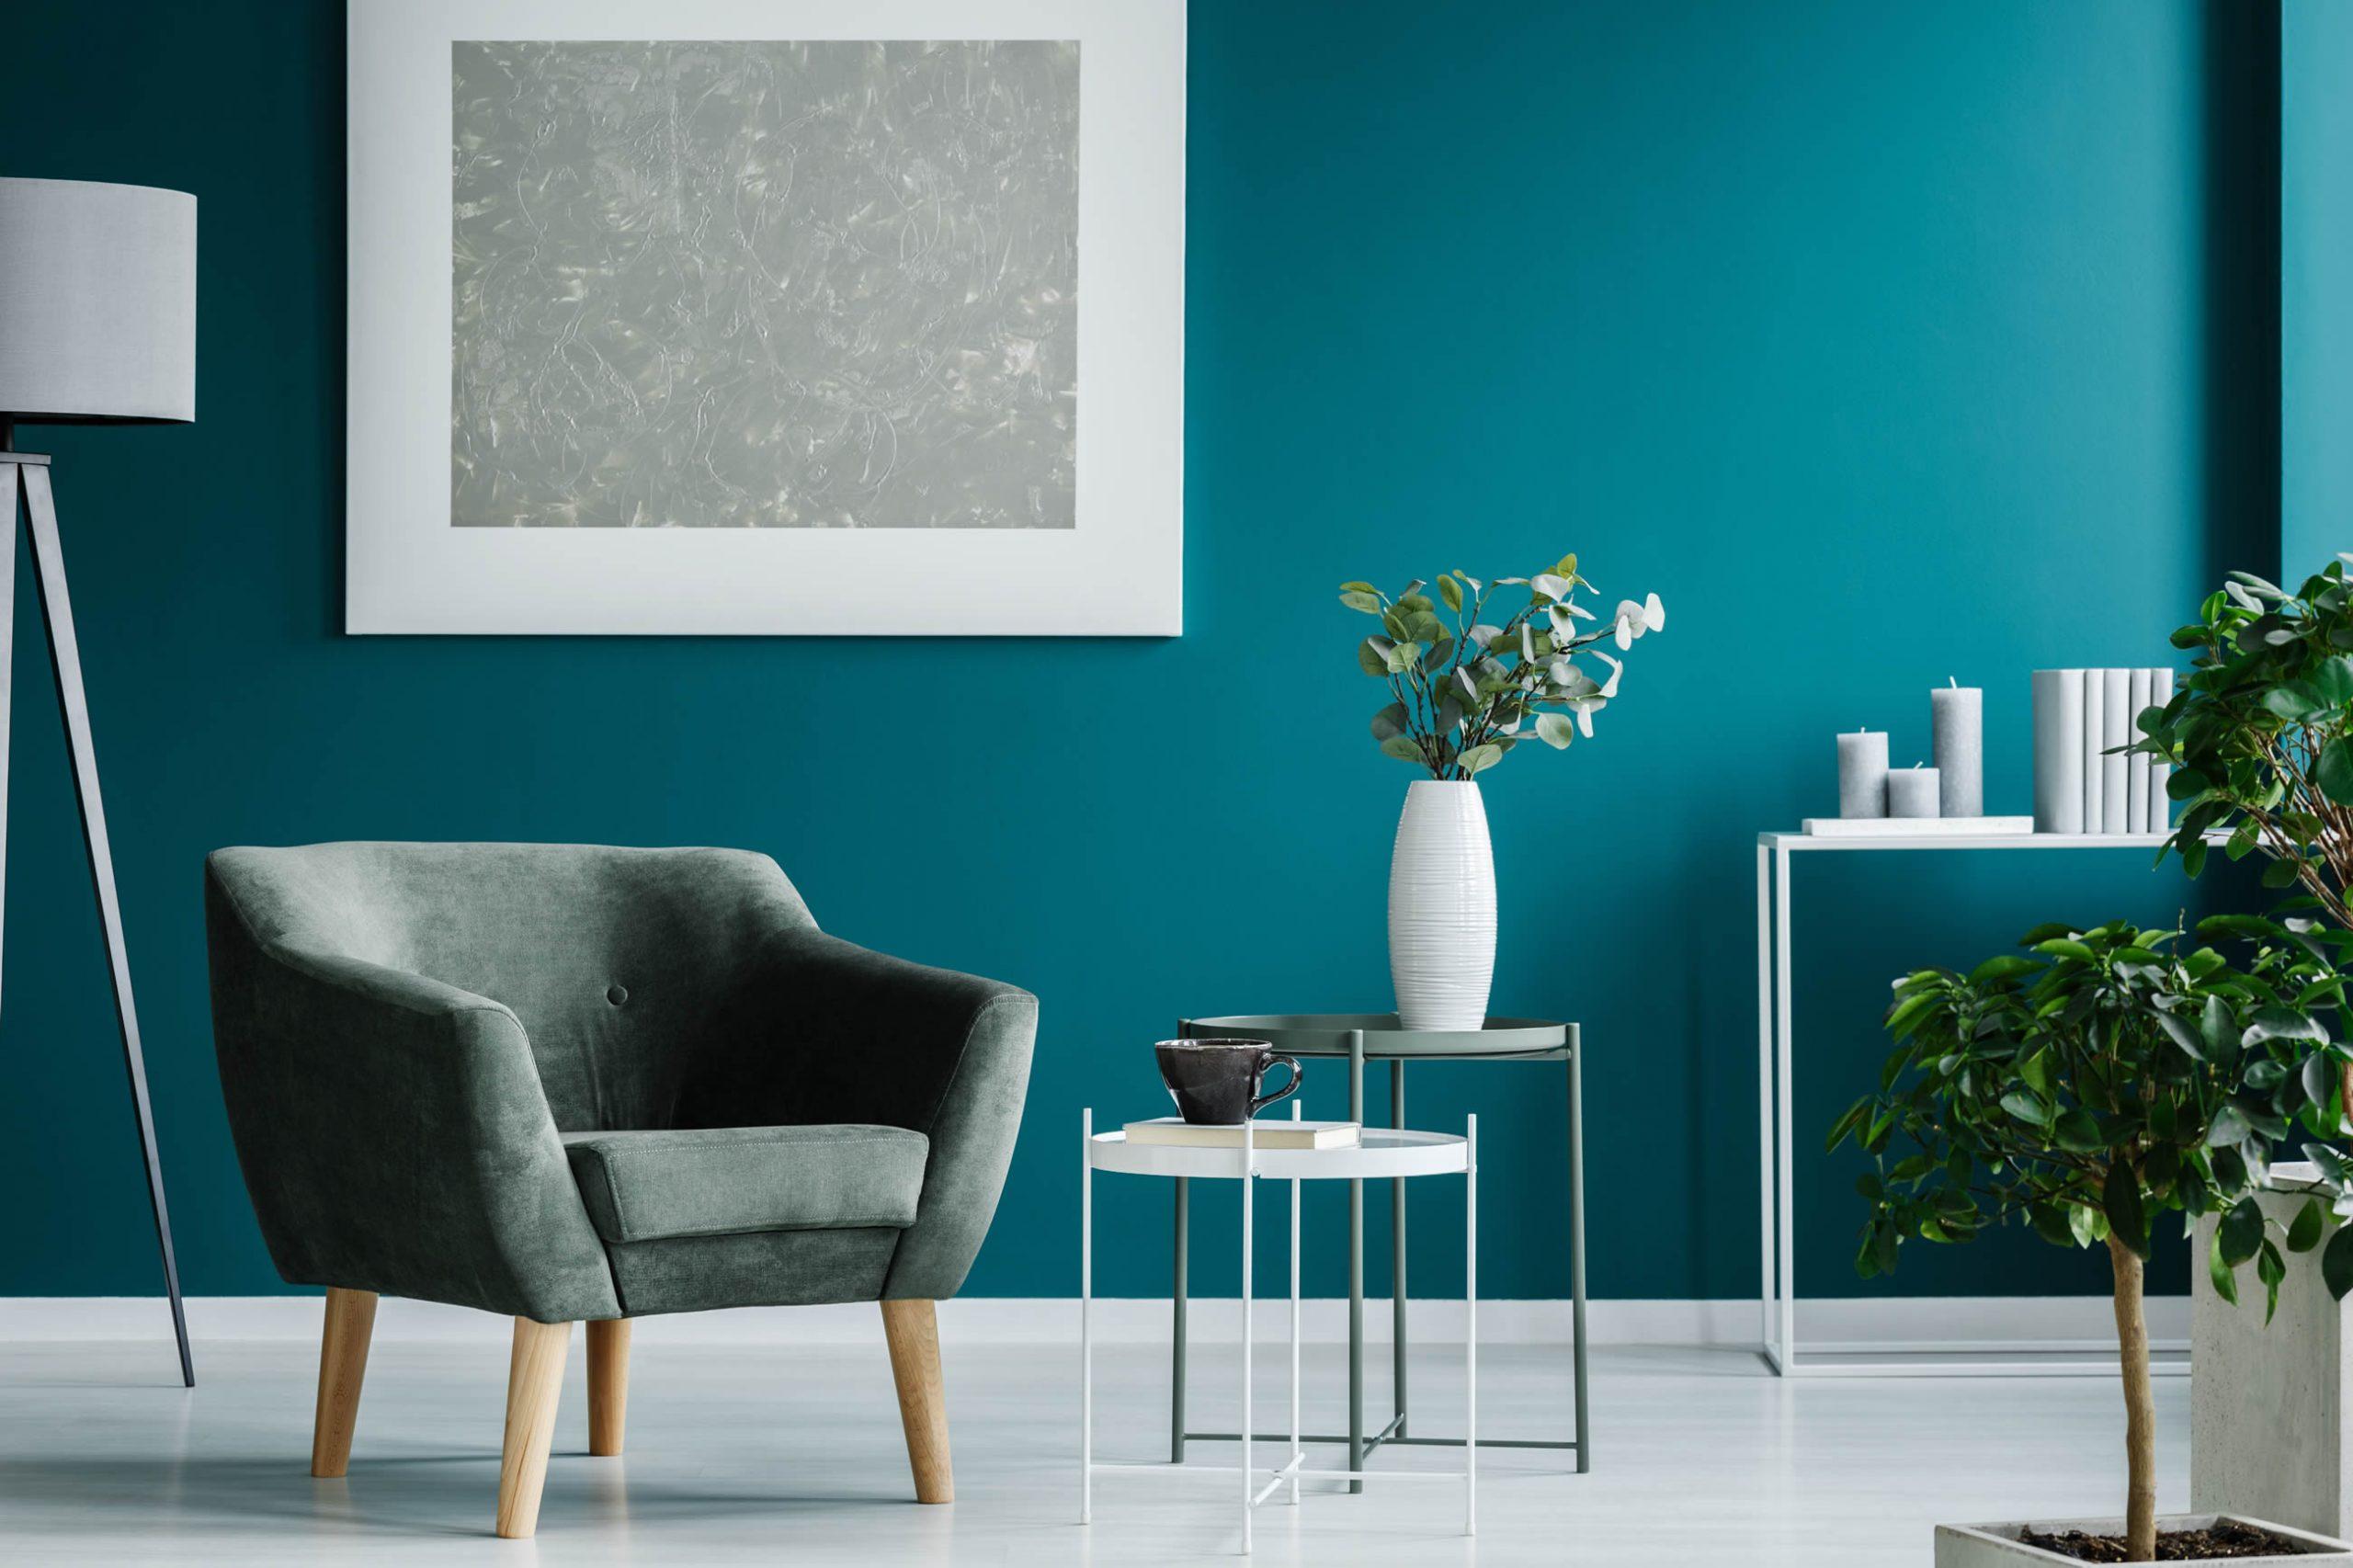 Paint colour consultation for new decor Burlington